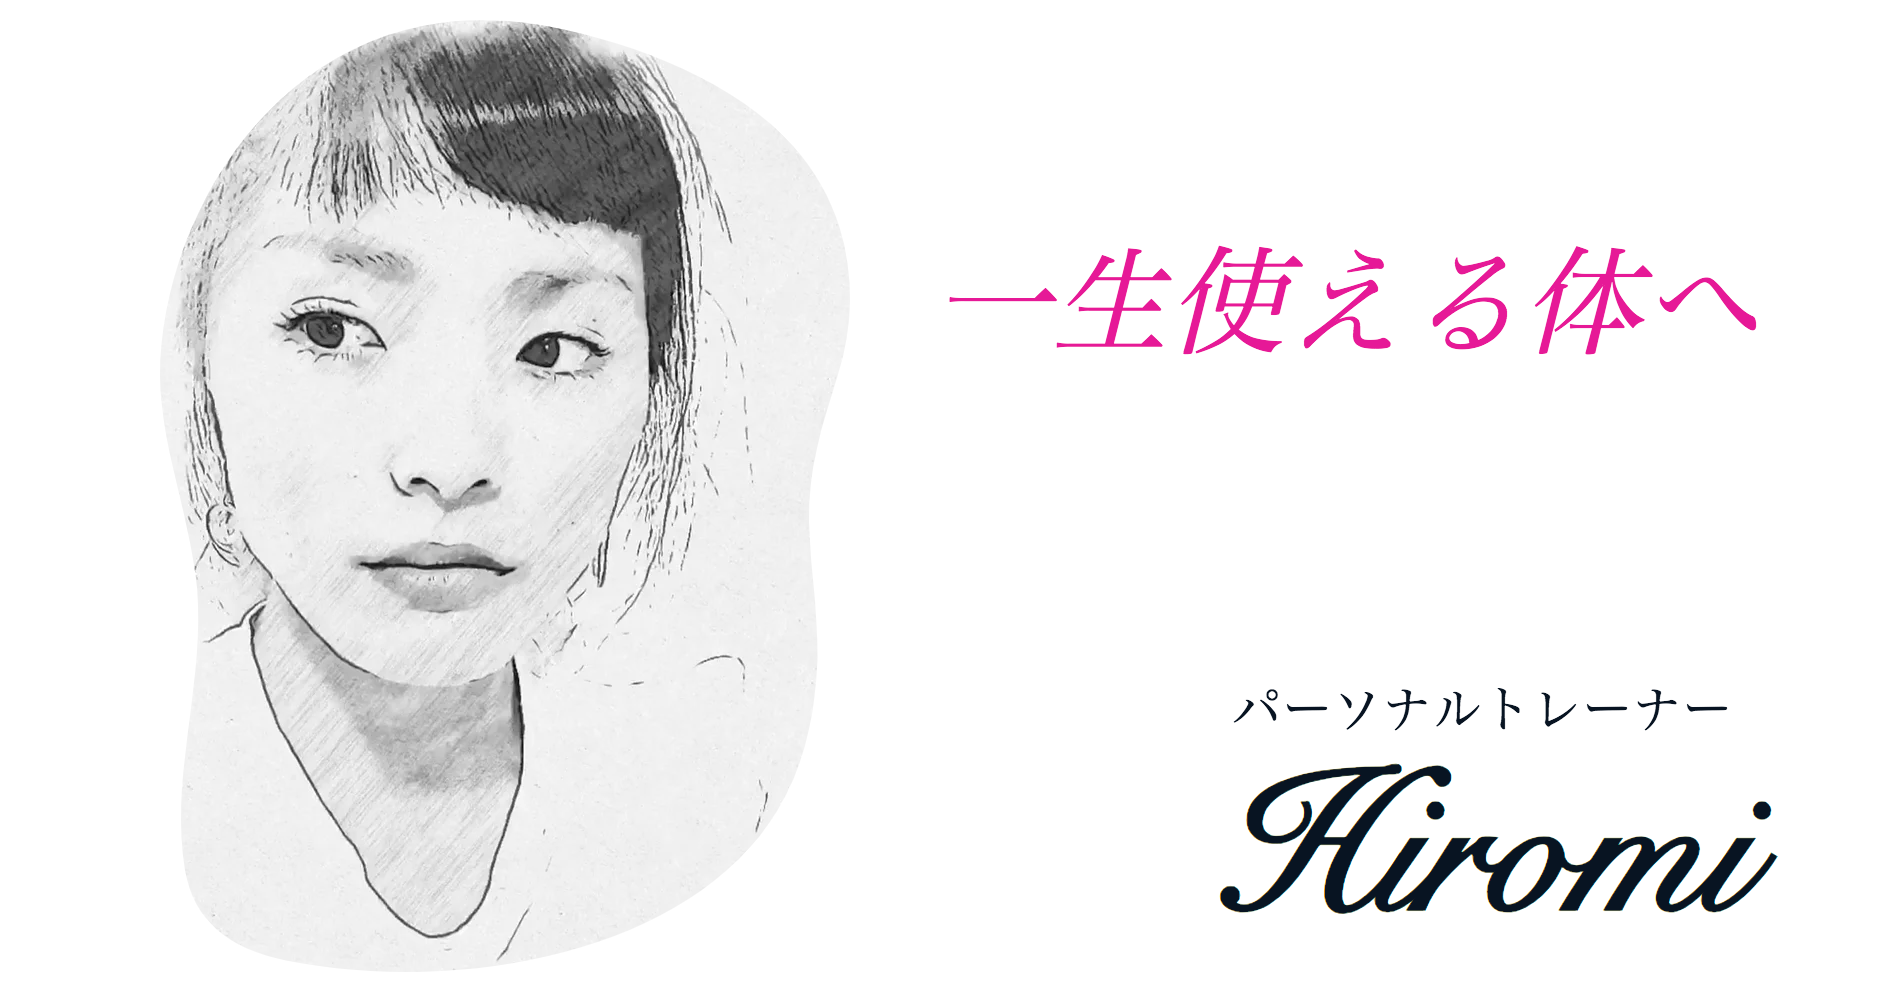 パーソナルトレーナー女性専門 Smooth-Hiromiの画像